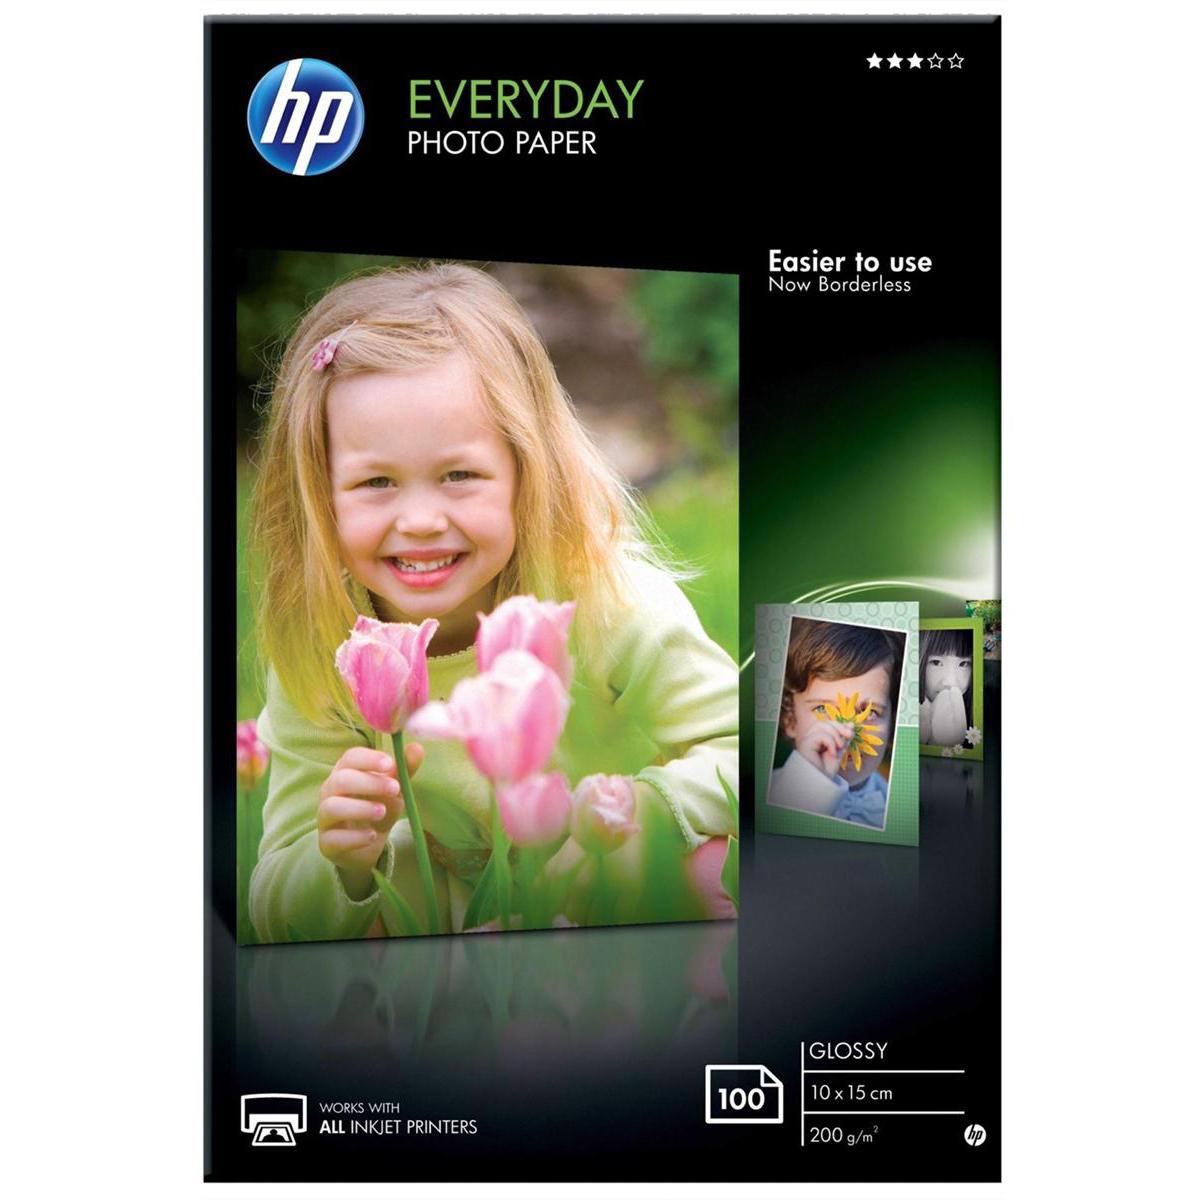 Hewlett Packard HP Everyday Photo Paper Gloss 200gsm 100x150mm Ref CR757A 100 Sheets